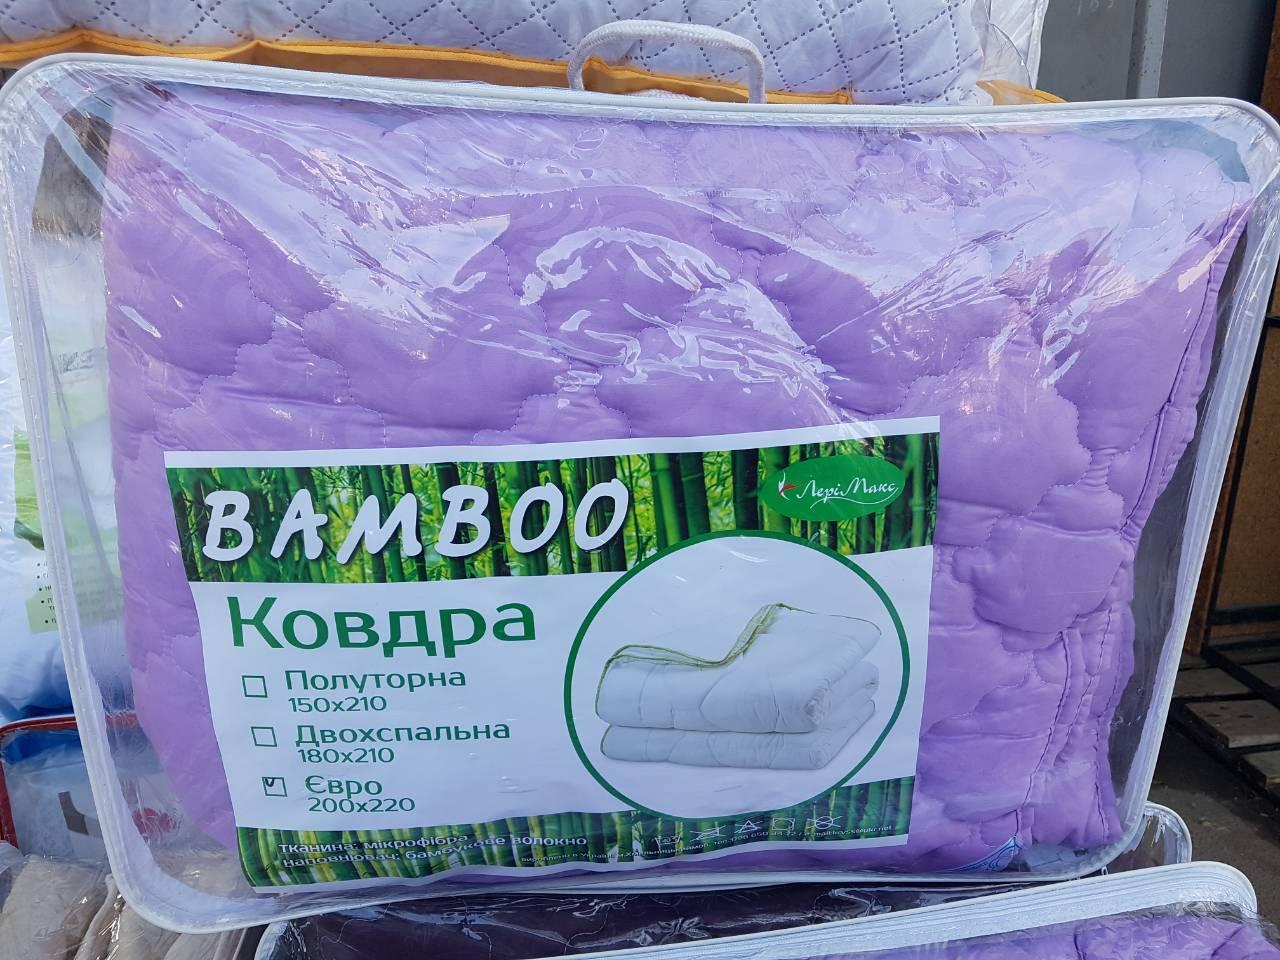 Мягкое двухспальное одеяло из бамбукового волокна новинка сезона